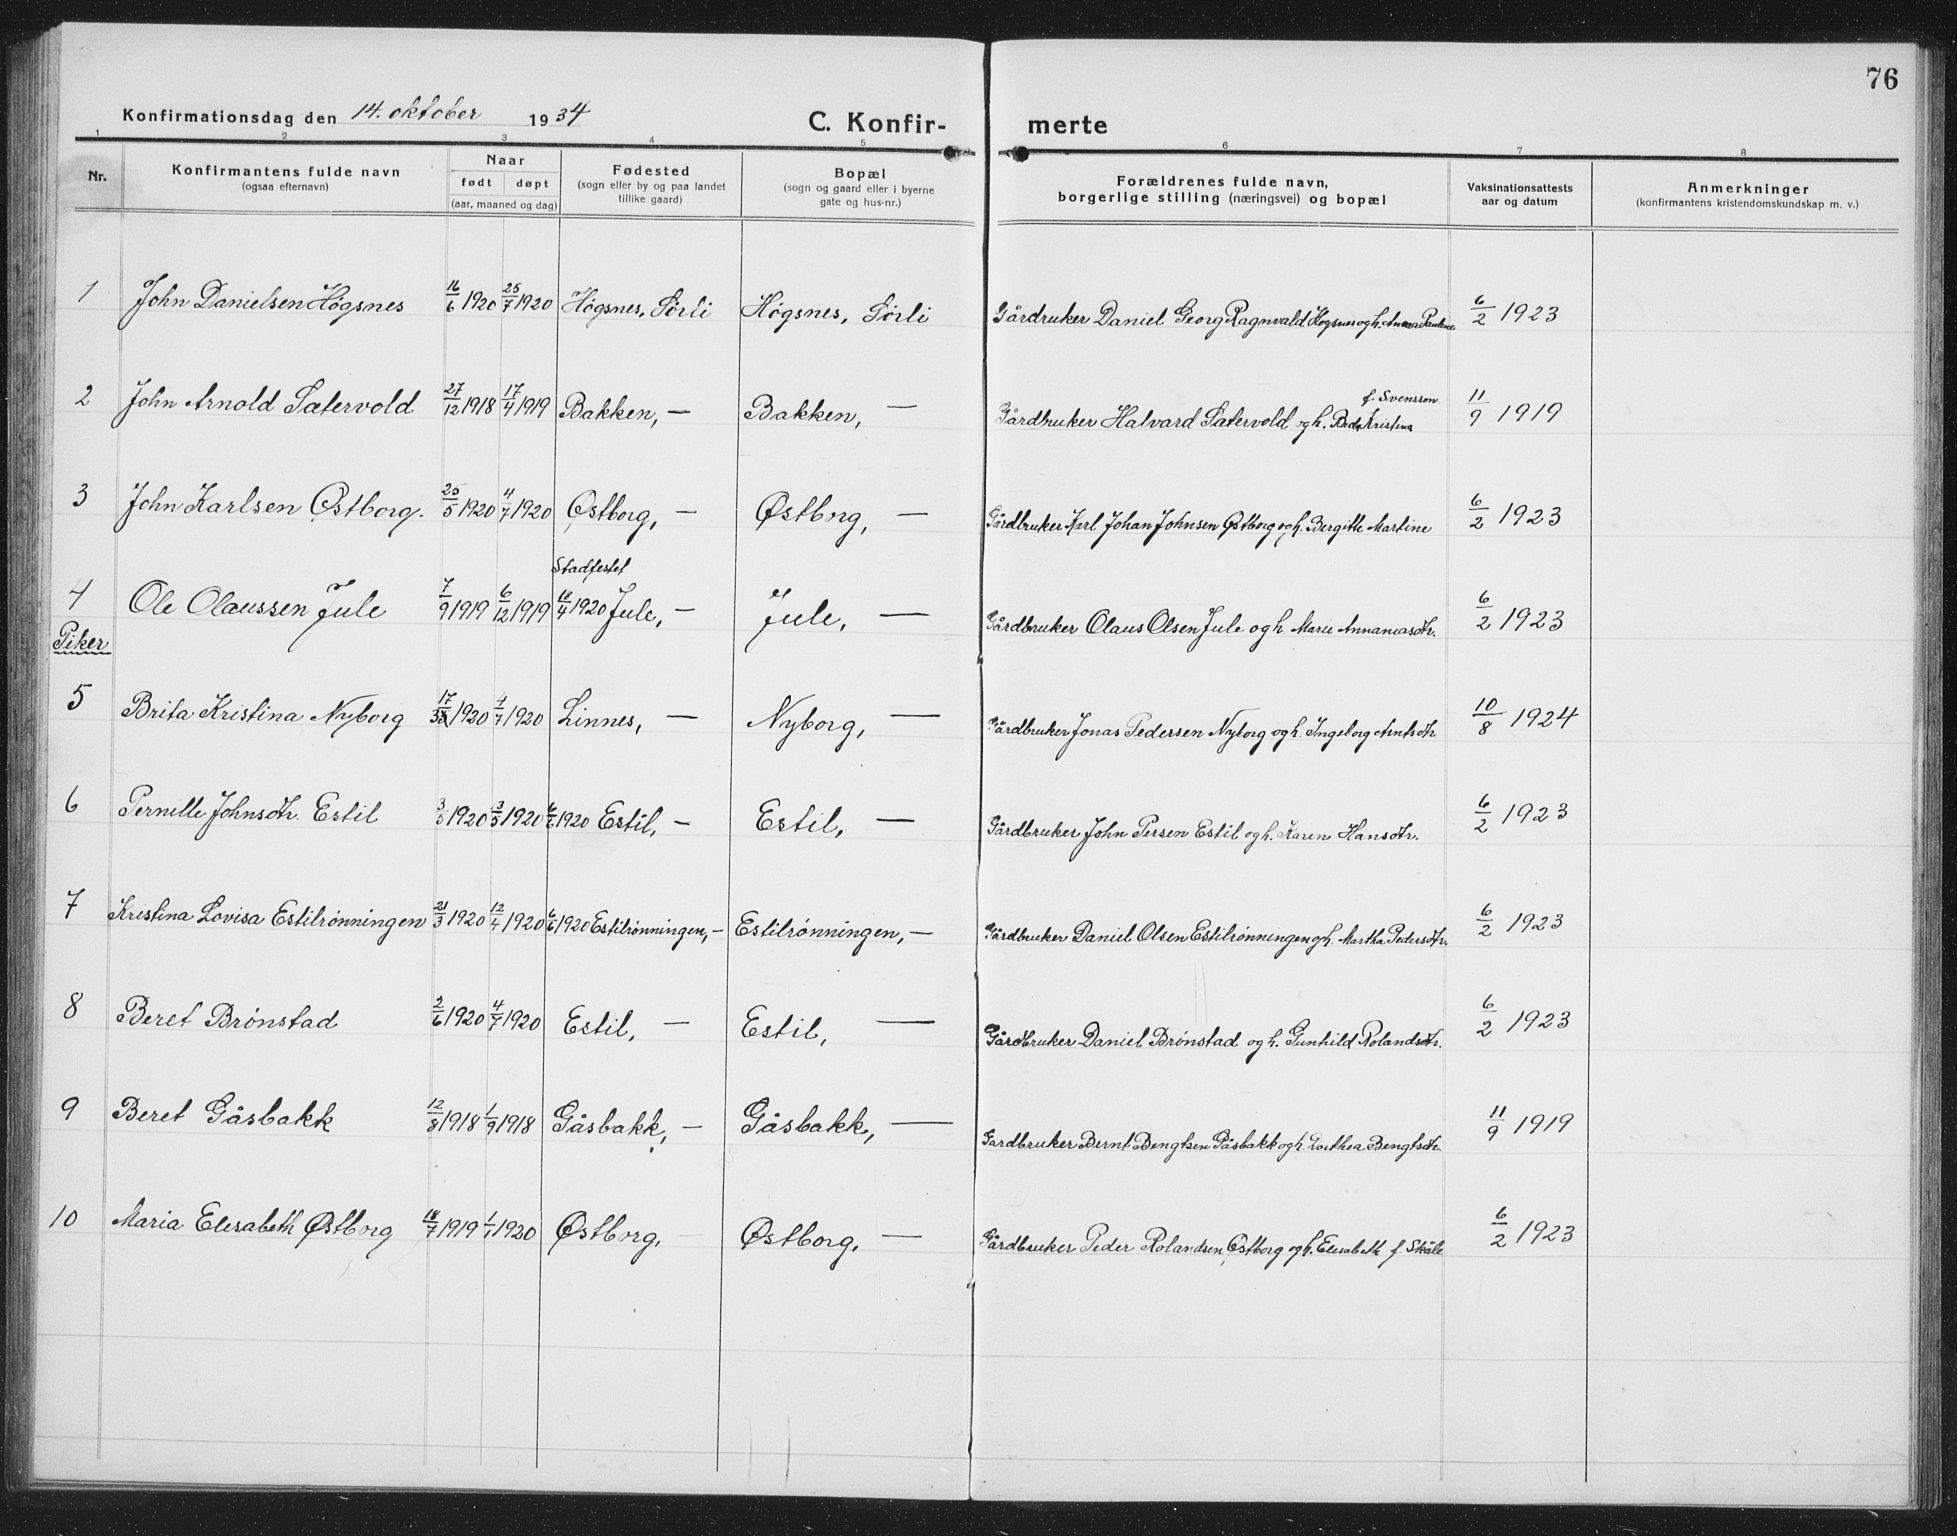 SAT, Ministerialprotokoller, klokkerbøker og fødselsregistre - Nord-Trøndelag, 757/L0507: Klokkerbok nr. 757C02, 1923-1939, s. 76